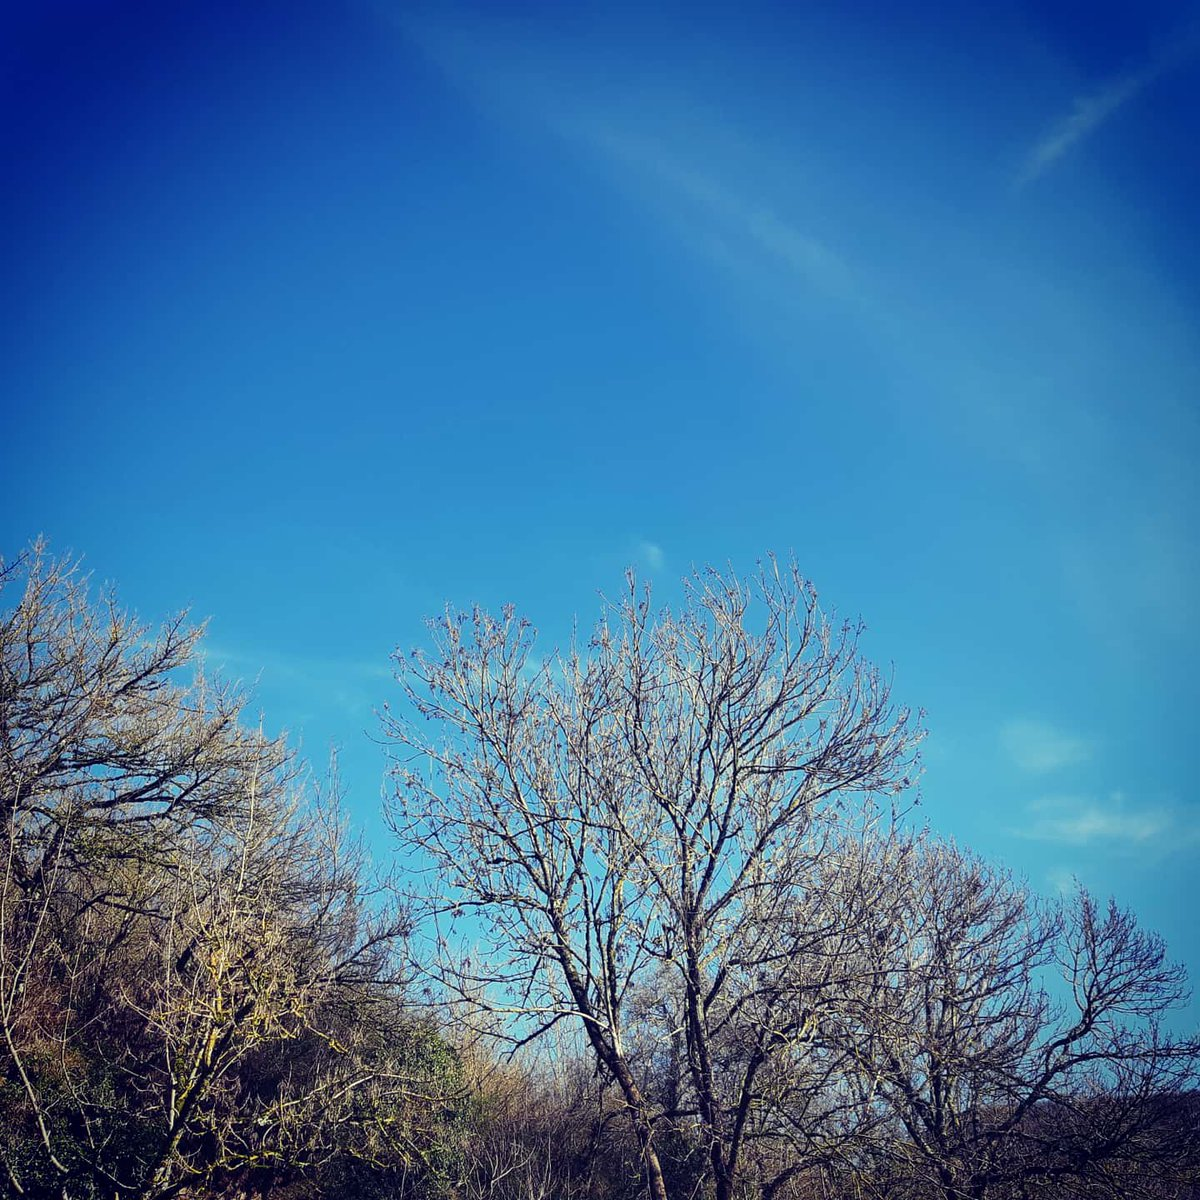 #Ciel bleu et lumineux chez moi!!  Rien de mieux pour passer un agréable #samedi!!  Bonne continuation dans votre #journée et courage aux bosseurs!! #citation #ligue_des_optimistes #instantprésent #photography #art #paysage #nature #plaisirdesyeux #jevousfaisprofiterpic.twitter.com/gBO0d10HbH